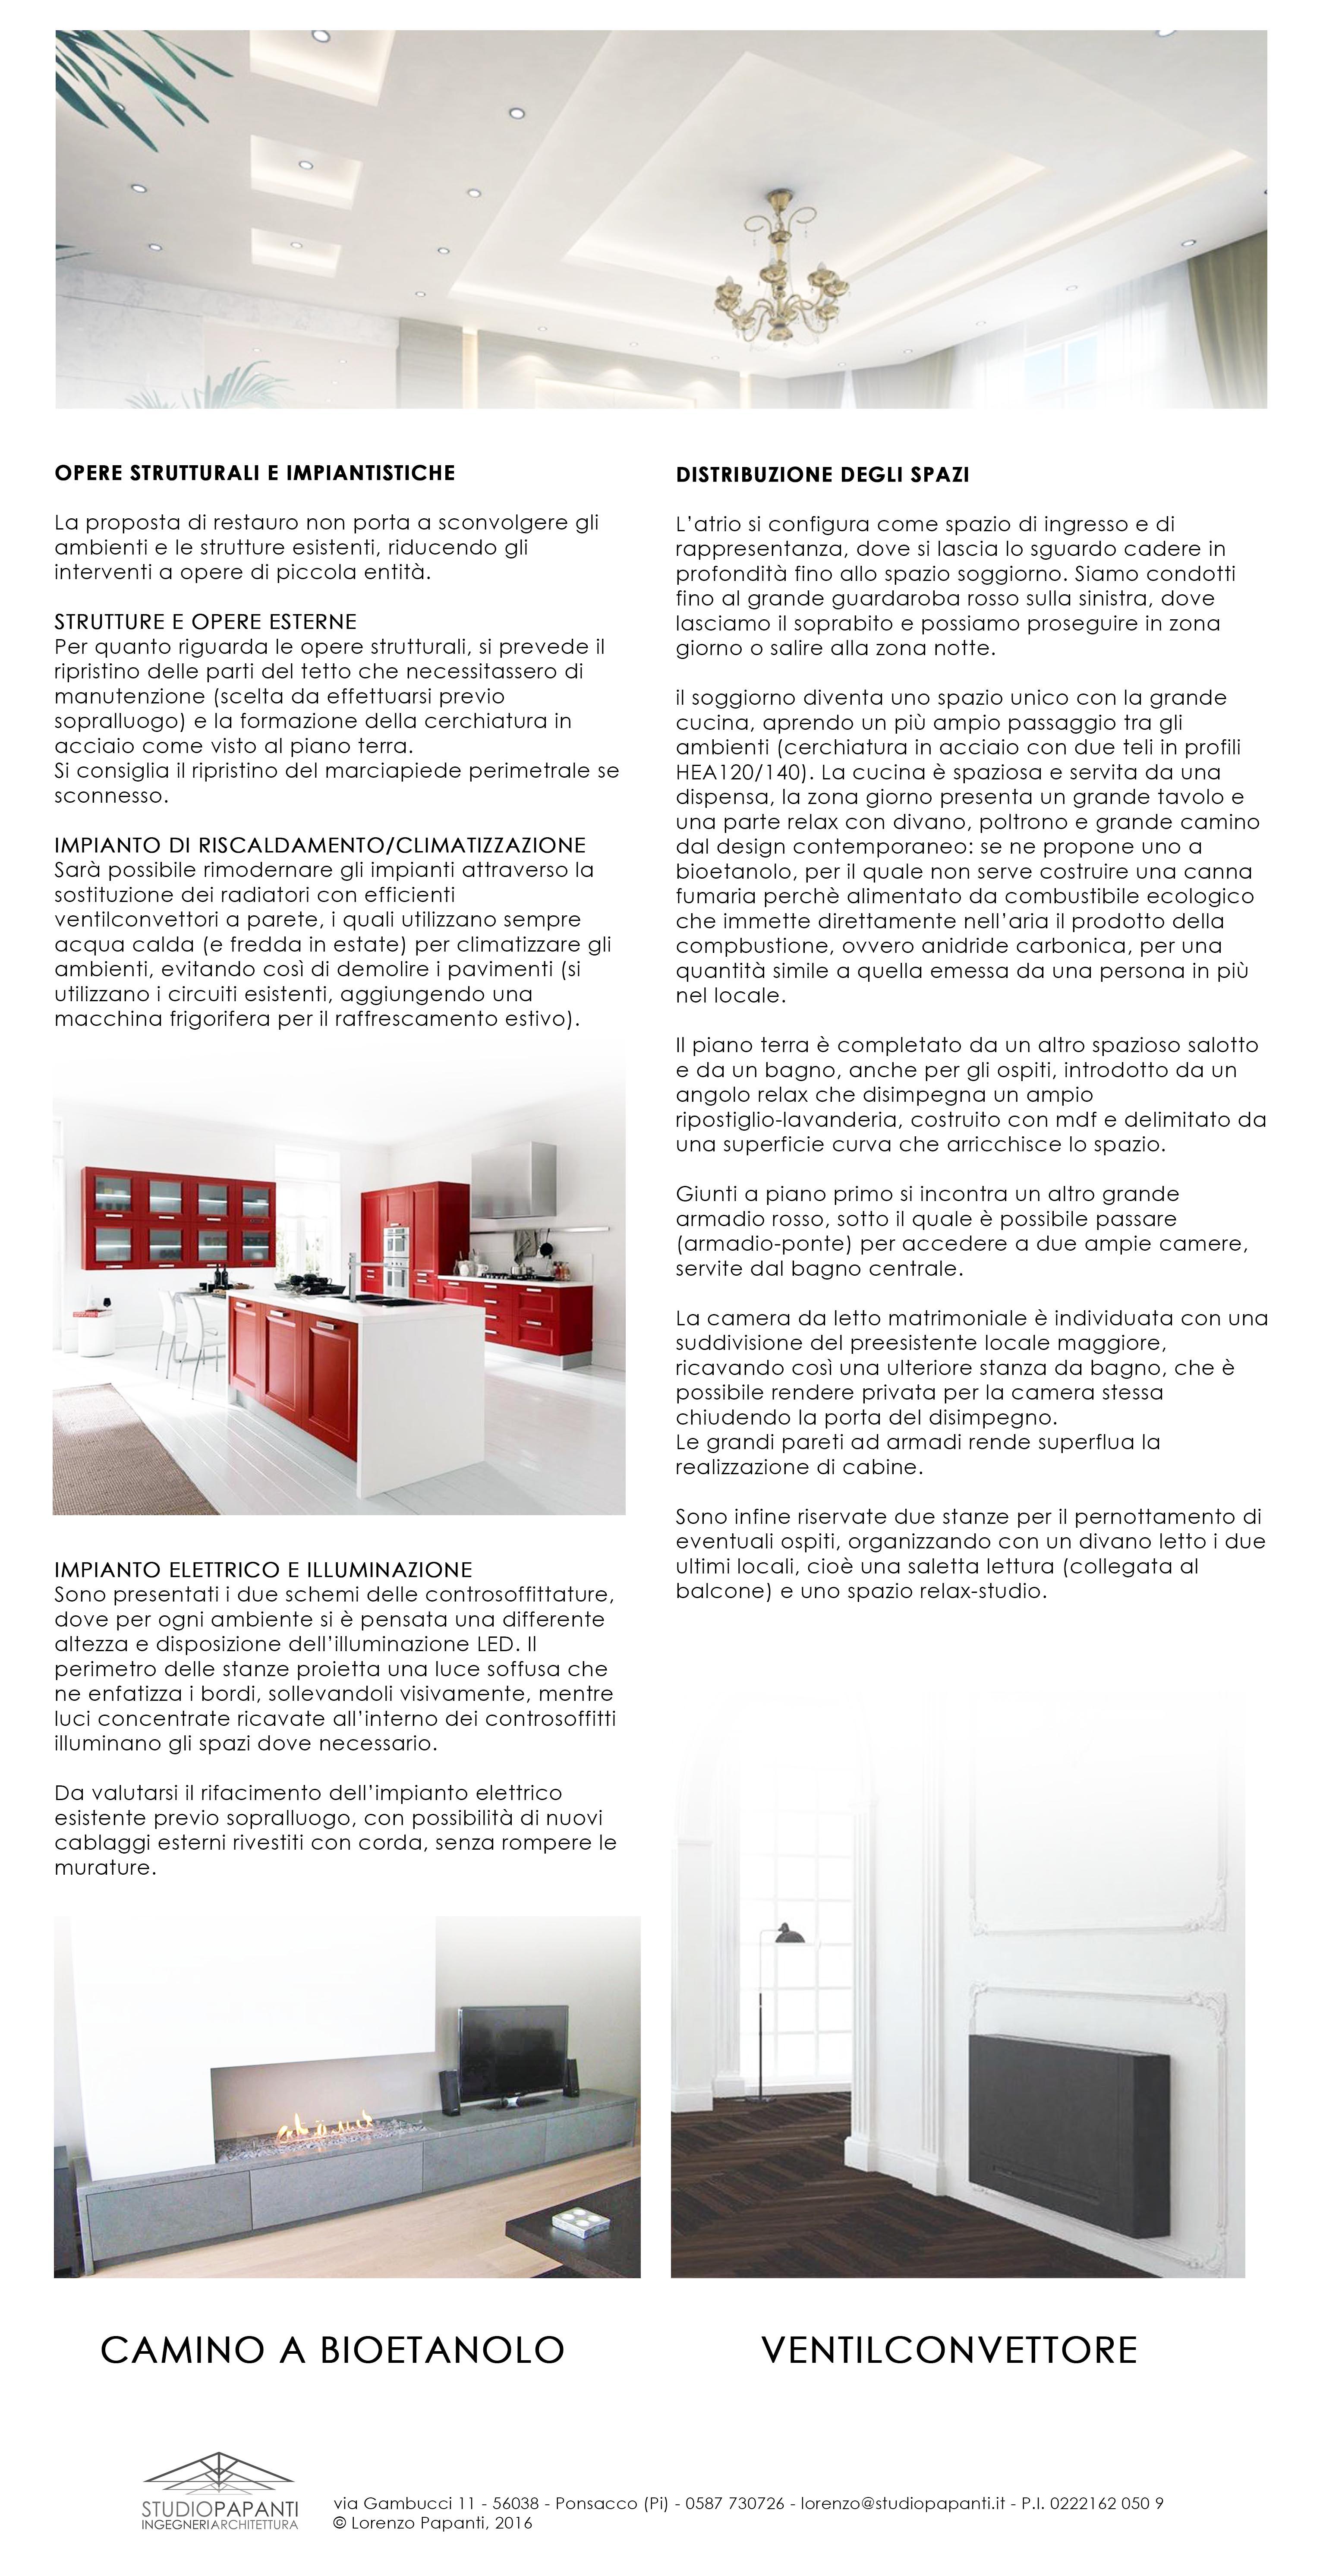 Impianto Elettrico Camera Da Letto. Simple Progetto Camera Da Letto ...